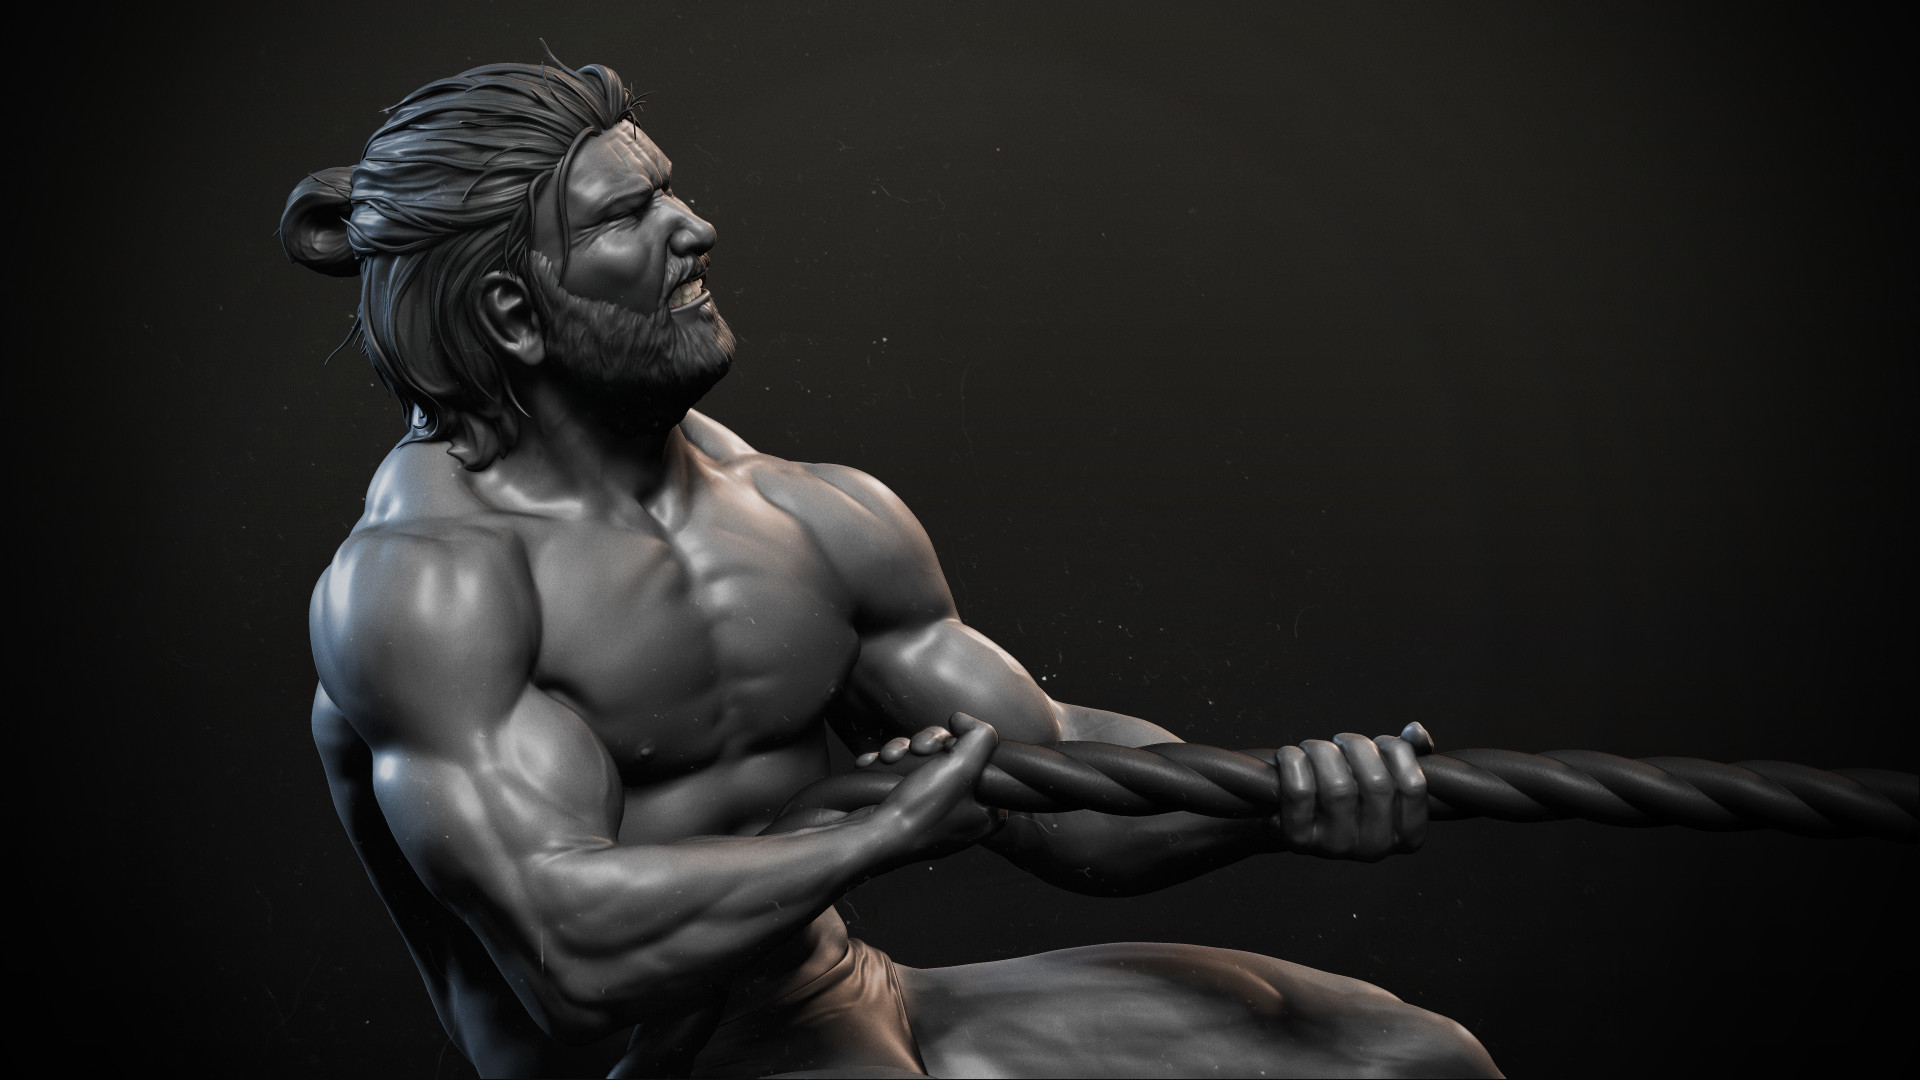 Omar chaouch tugwar anatomy study omar chaouch 06